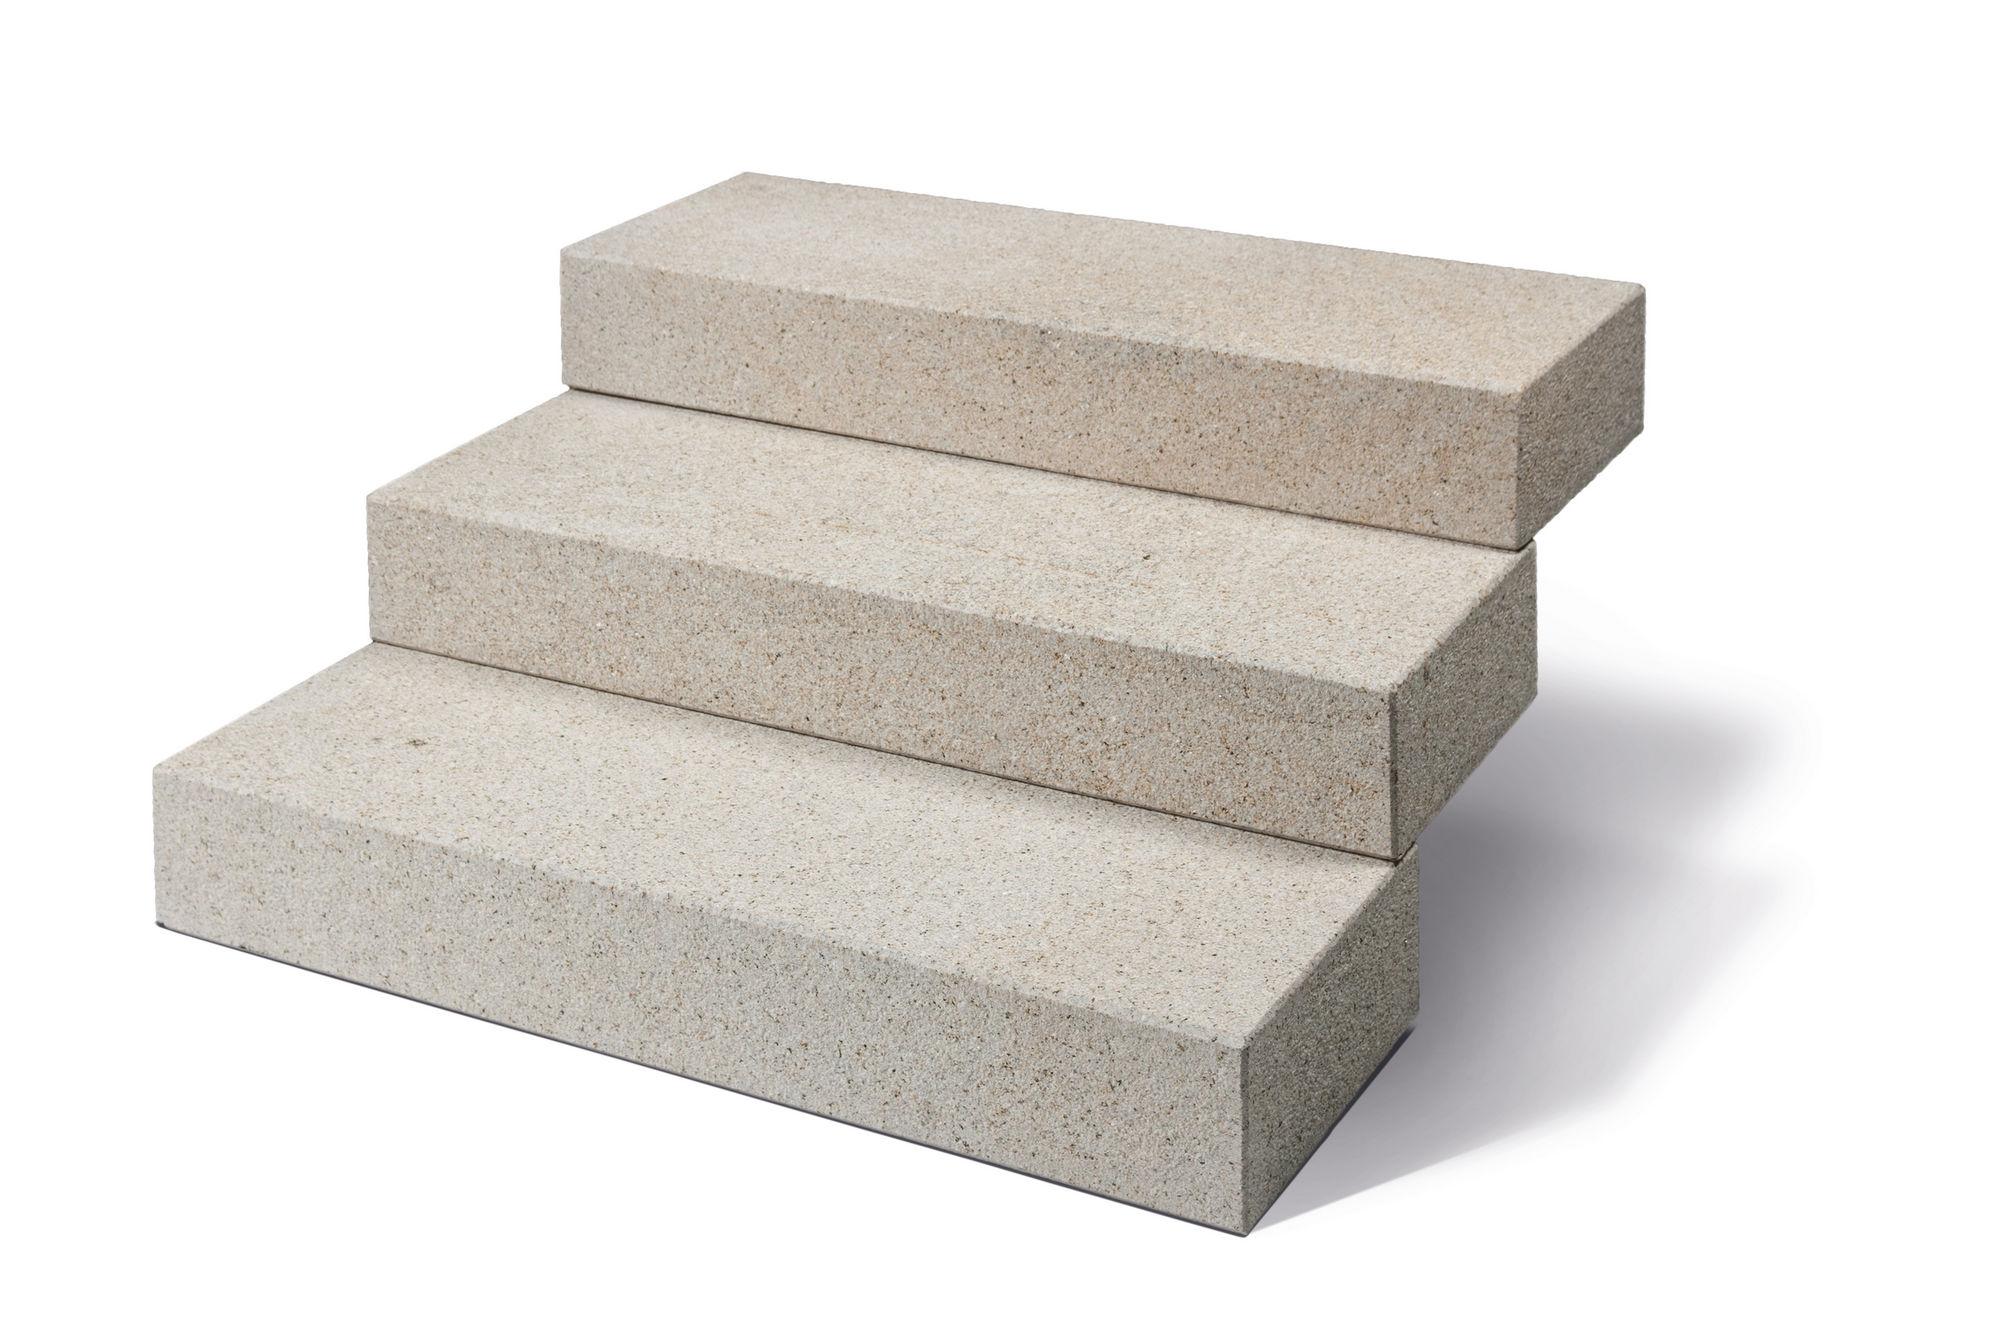 blockstufen granit gelb, gestockt (naturstein baumaterial)